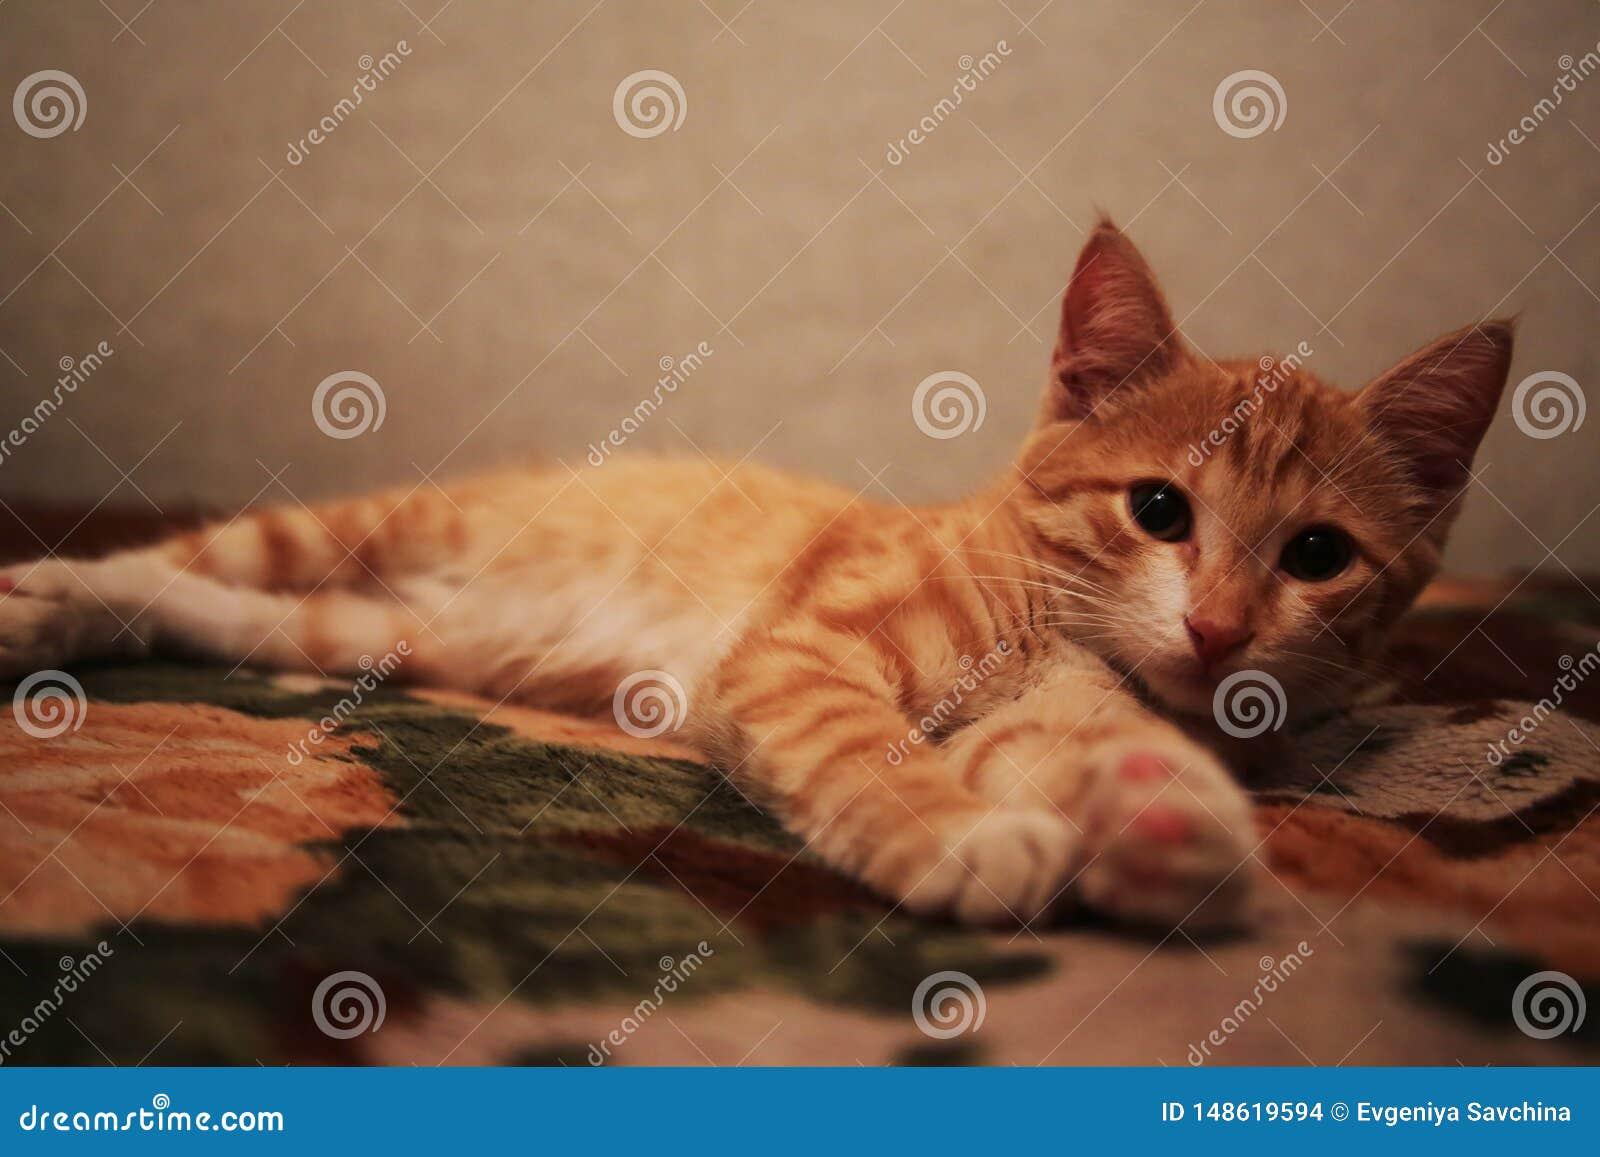 Красный пушистый кот лежит на задней части софы